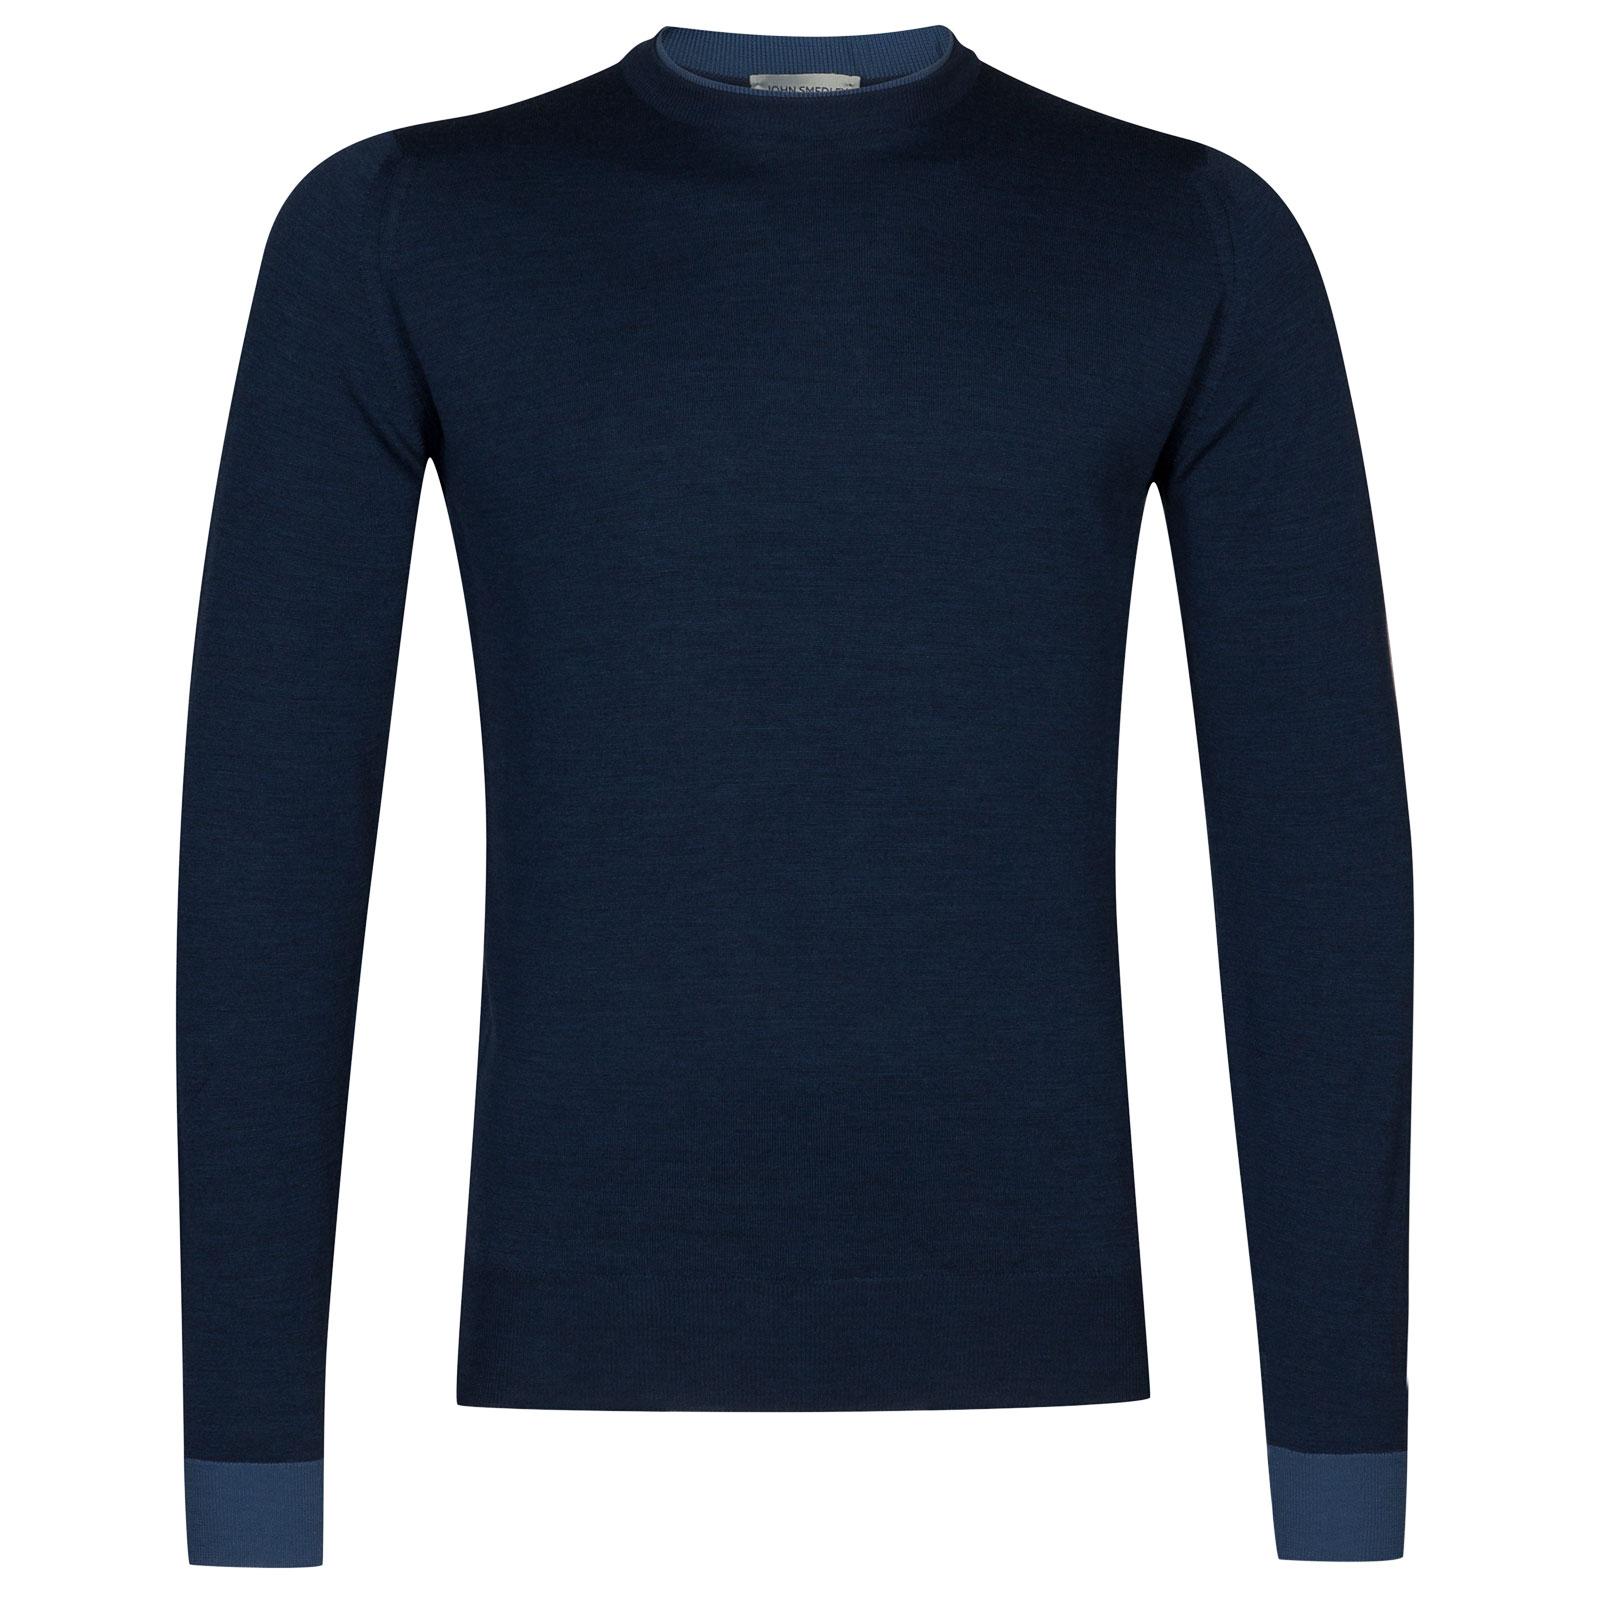 John Smedley kenn Merino Wool Pullover in Indigo/Derwent Blue-M